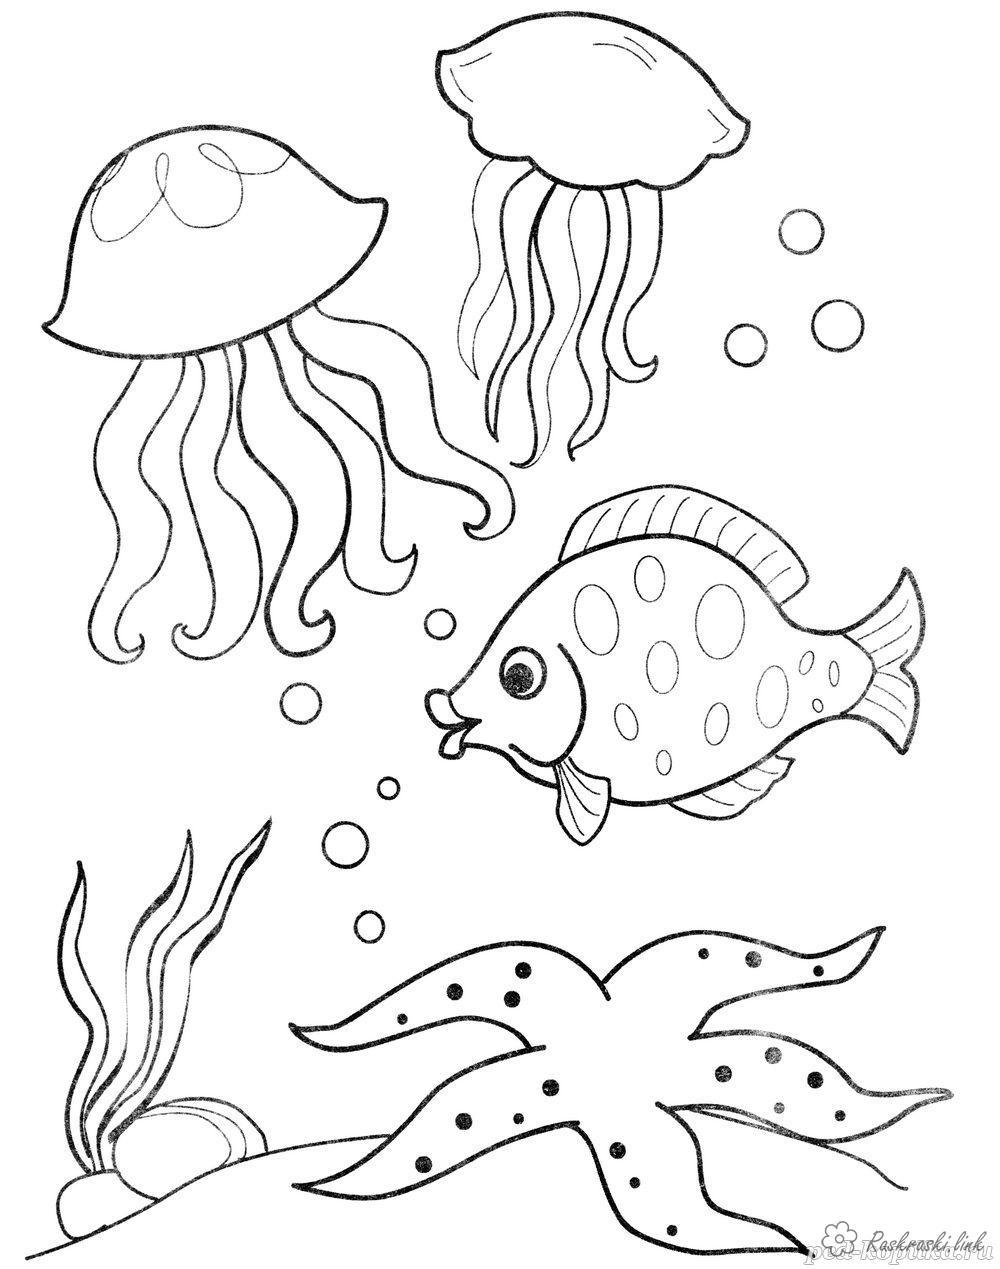 Розмальовки Підводний світ Дитяча розфарбування підводний світ, риби, медузи, рослини